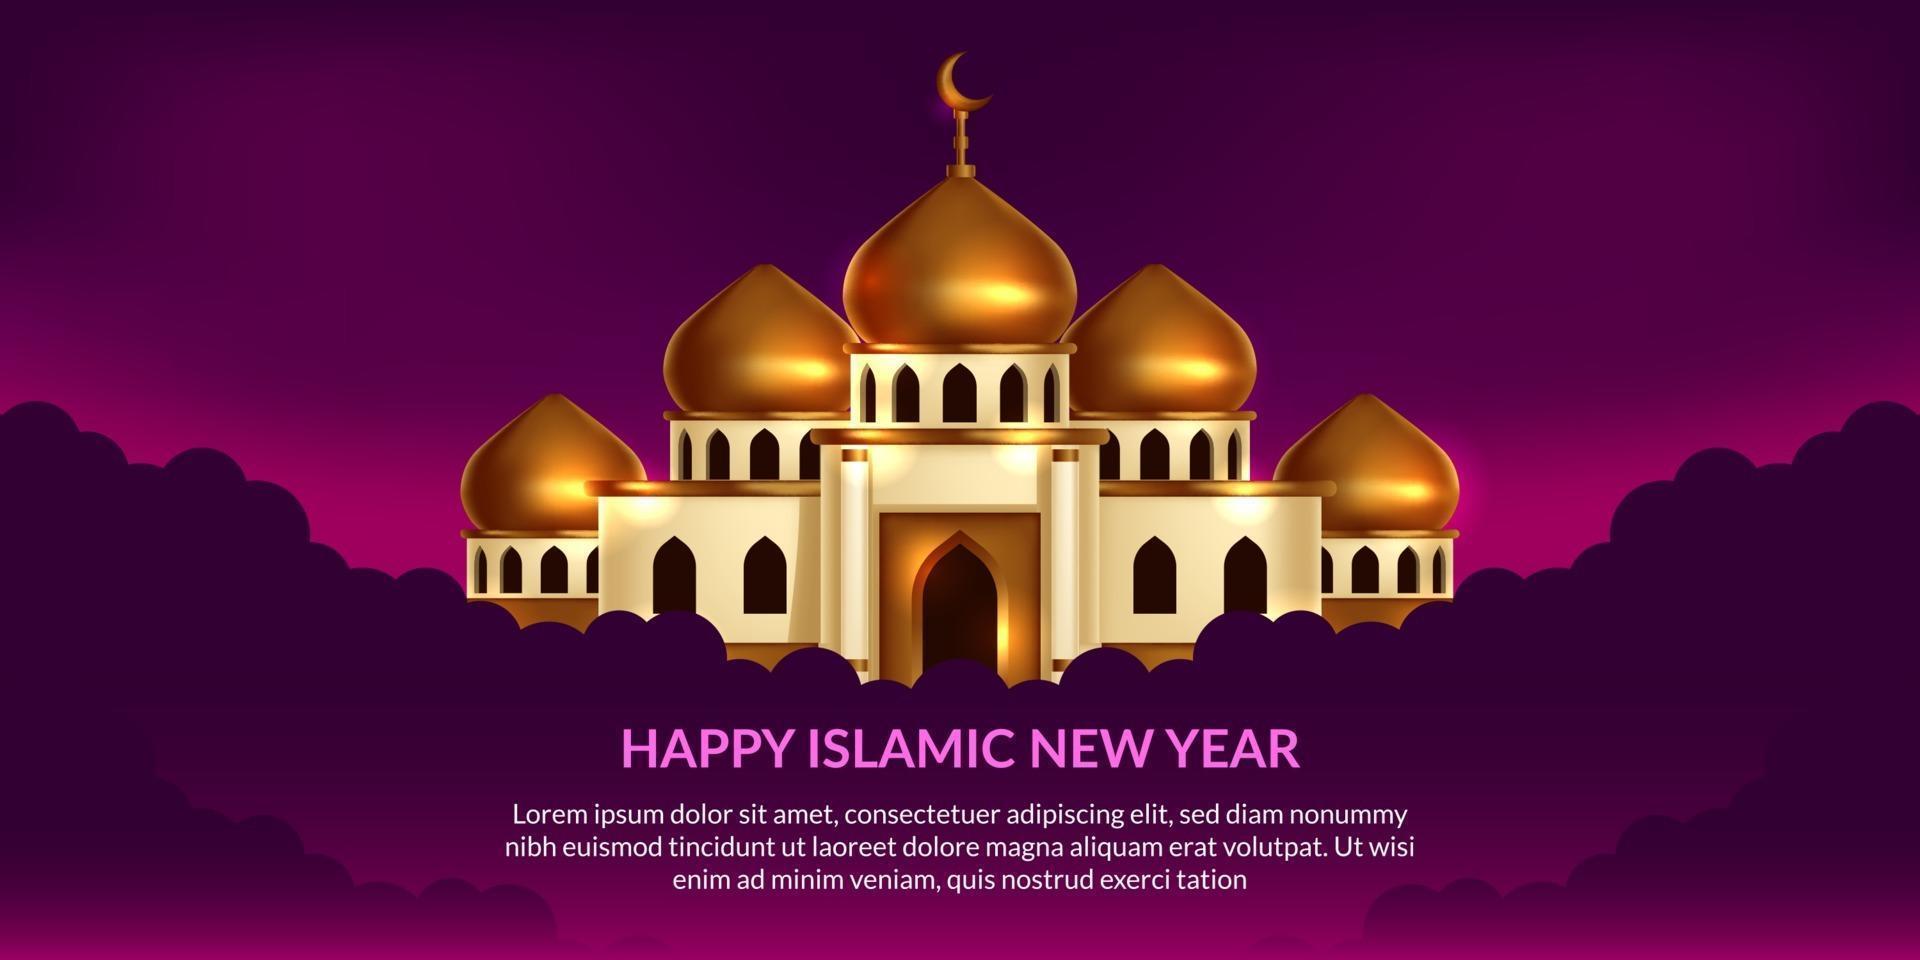 islamitisch nieuwjaar. gelukkige muharram. illustratie van gouden koepel moskee met paarse achtergrond. vector